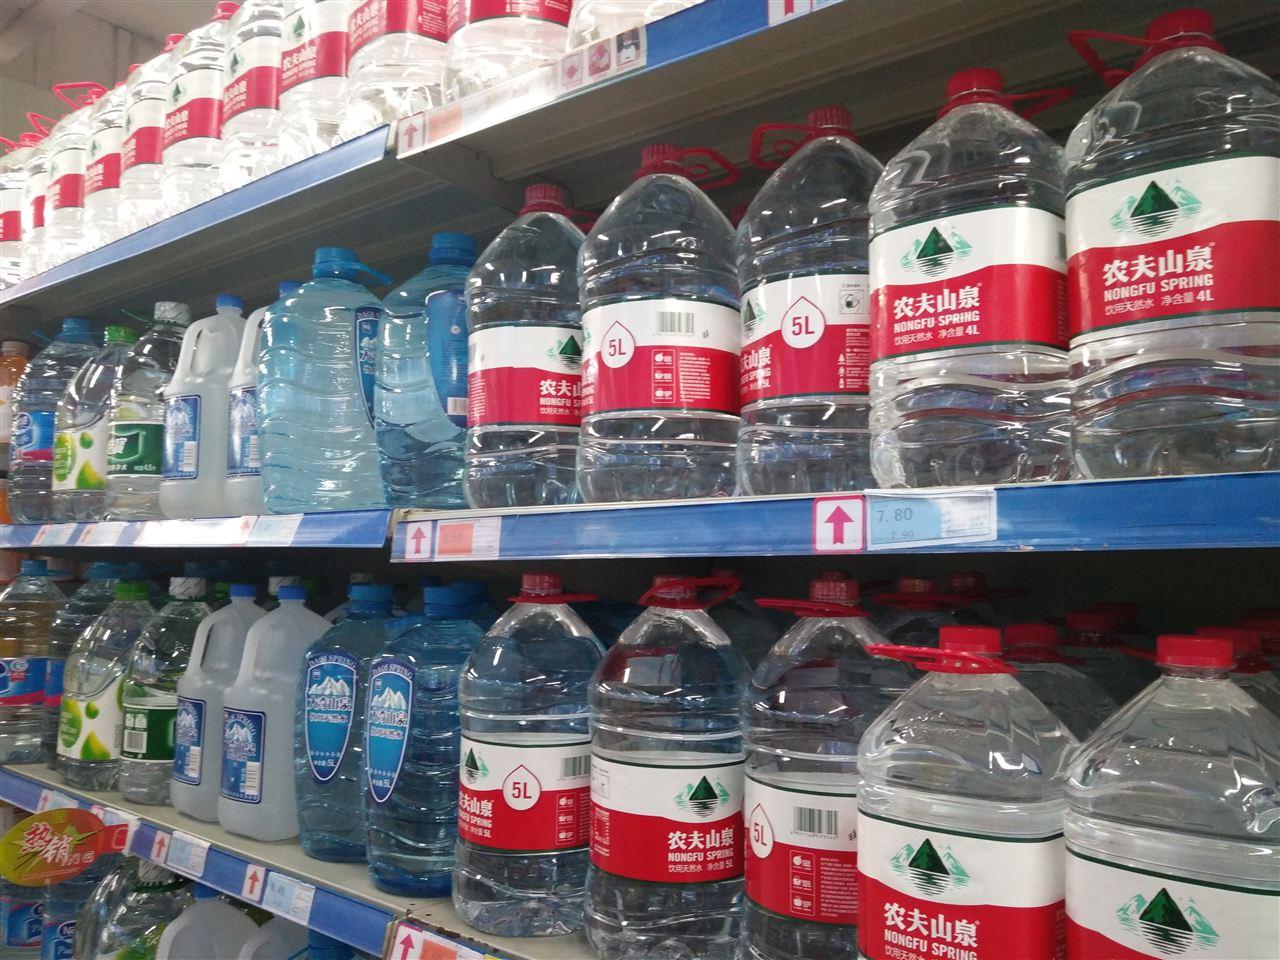 包裝飲用水品類繁多難辨別 水處理設備為您答疑解惑